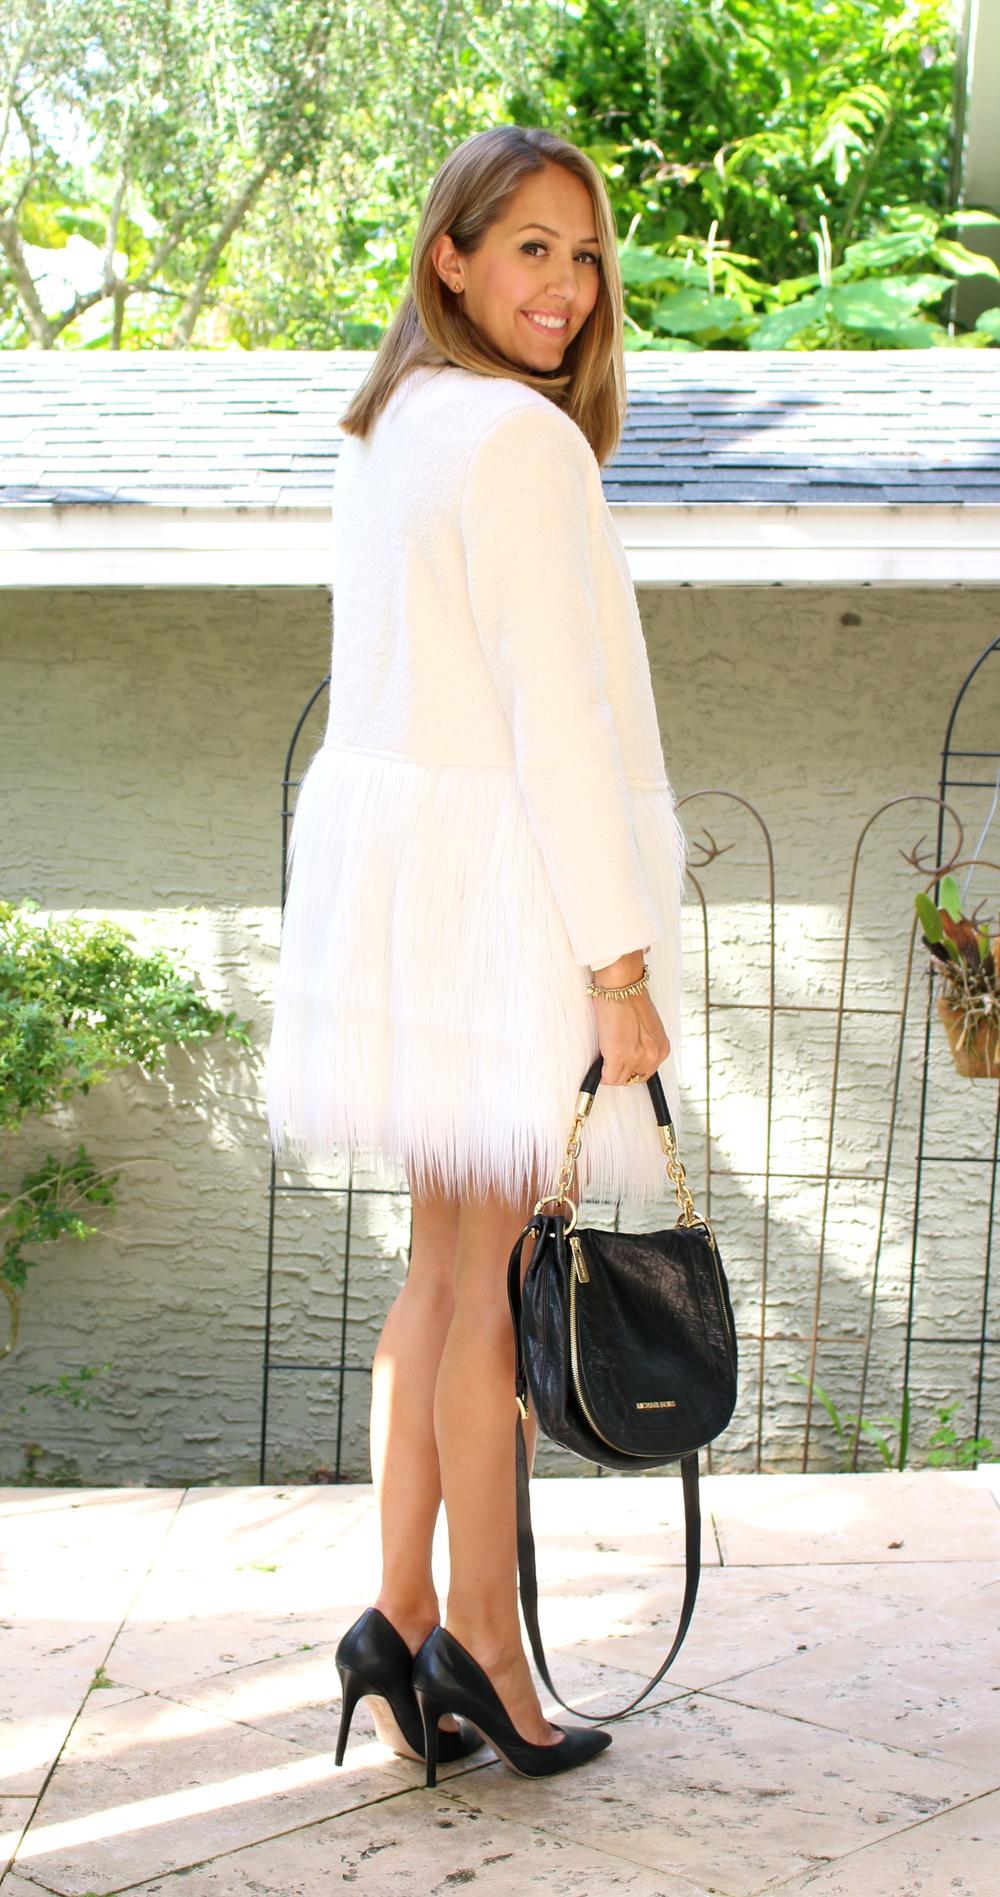 White faux fur coat, black pumps